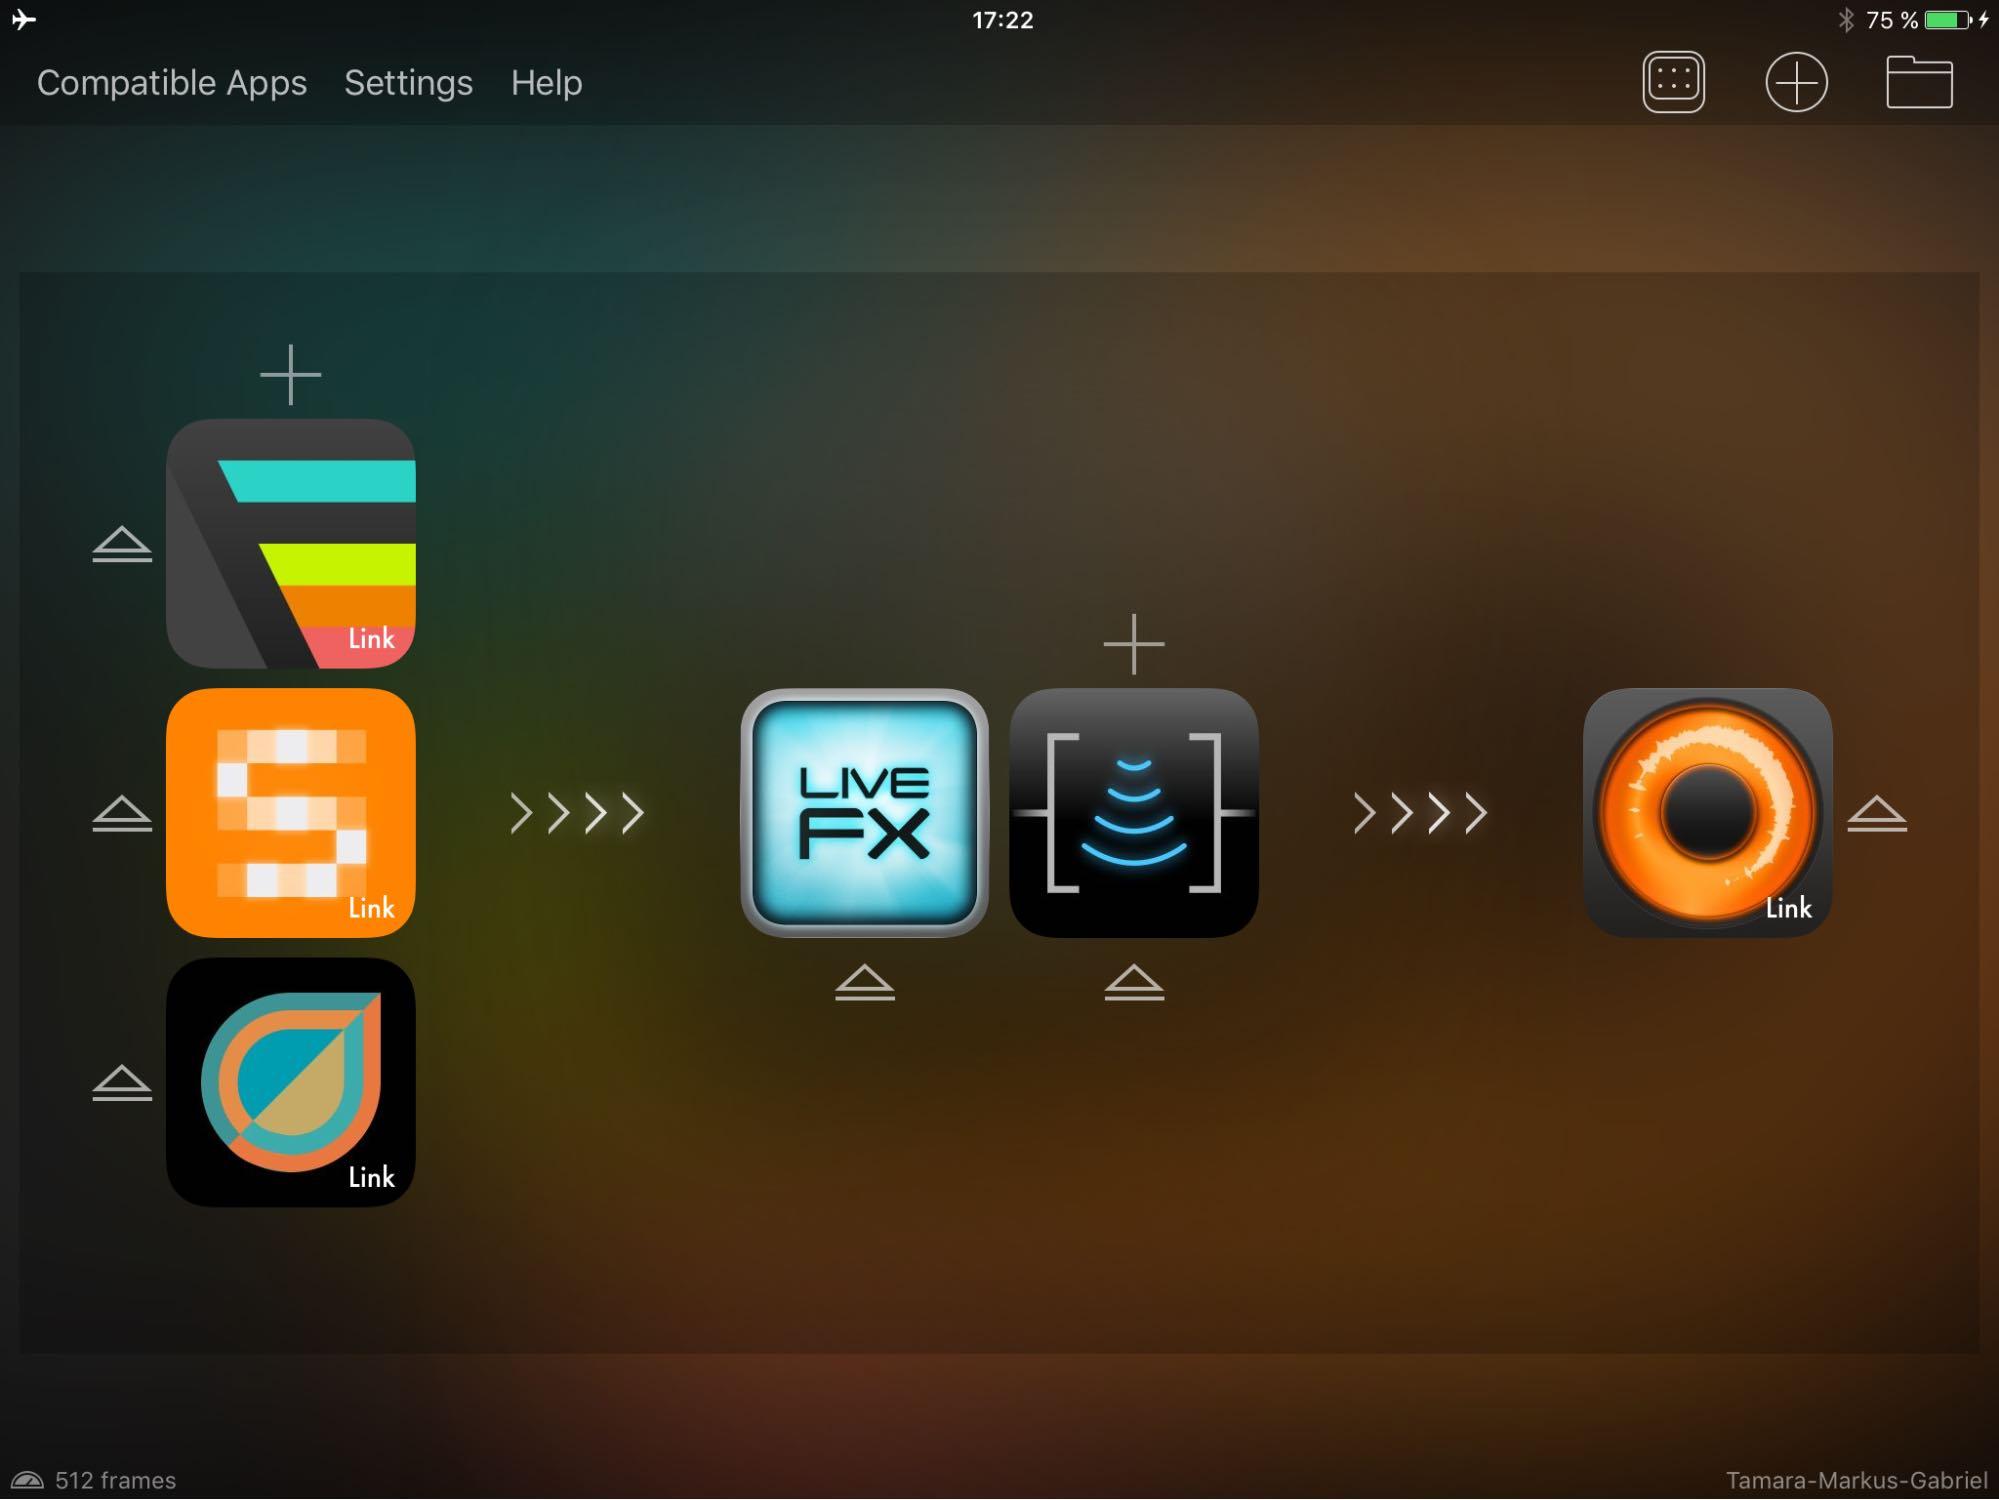 Multi-App-Musikproduktion auf dem iPad - Netzwerk tAPP Netzwerk tAPP